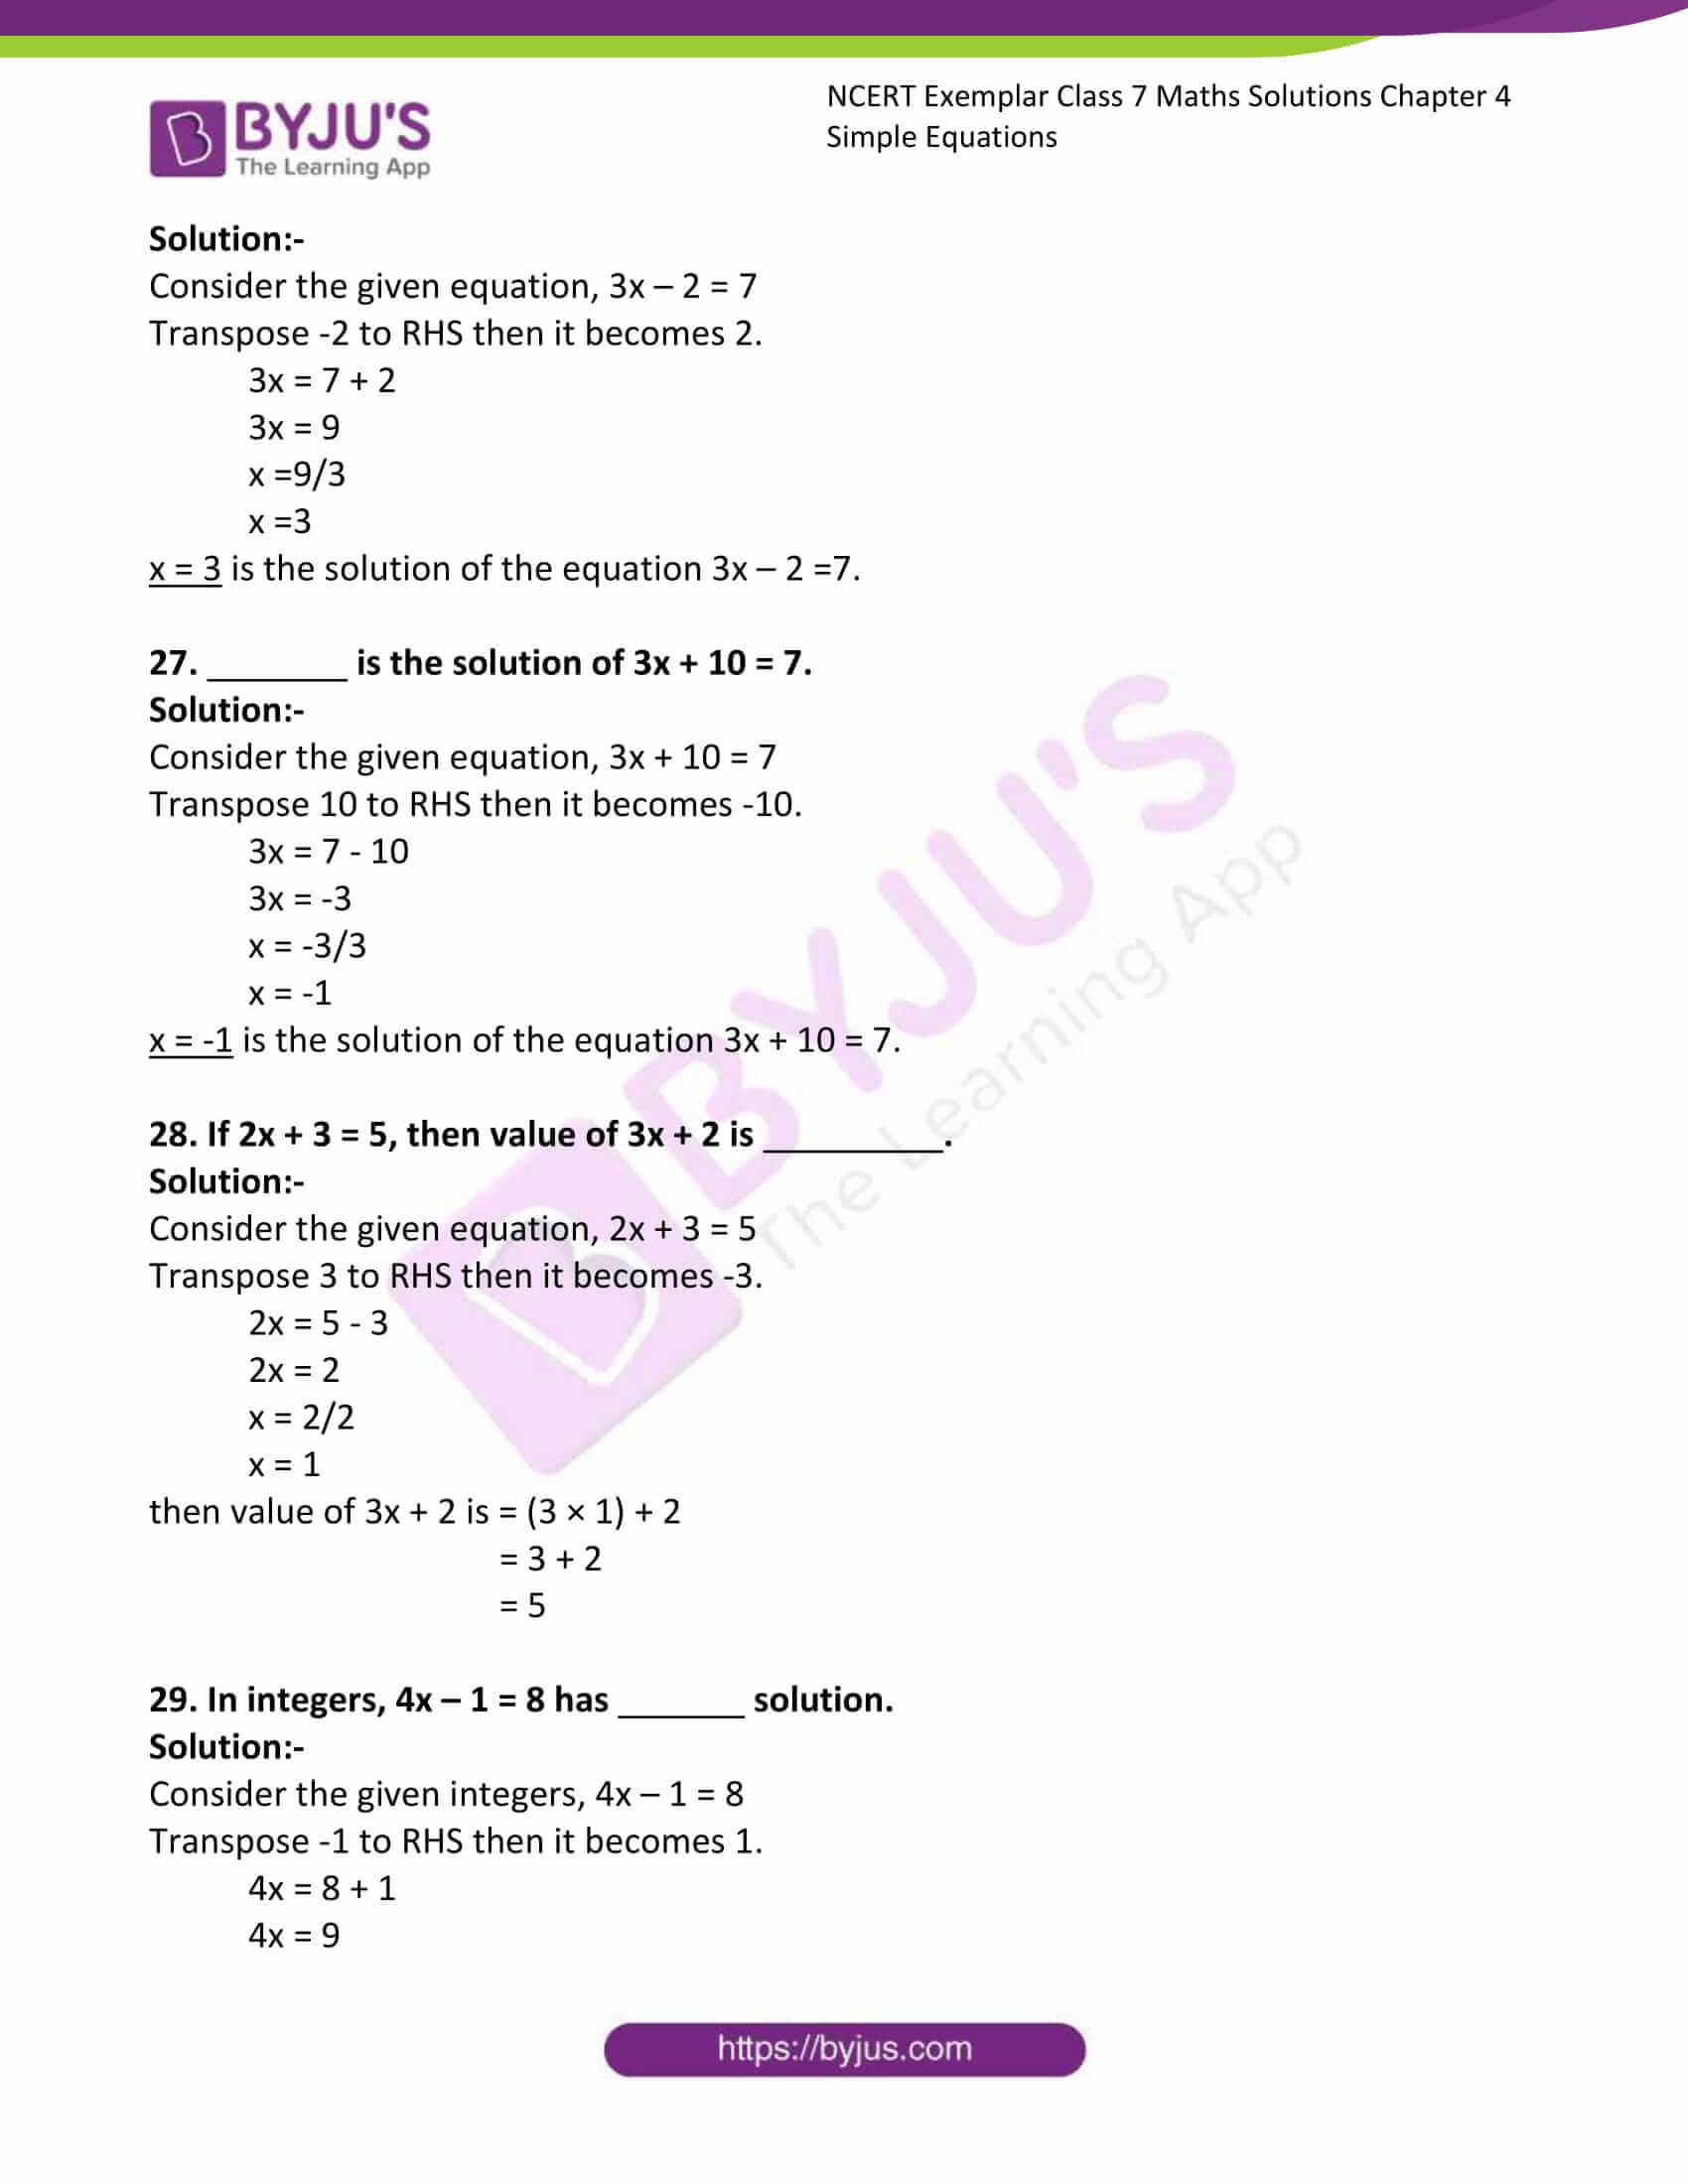 ncert exemplar class 7 maths solutions chapter 4 11